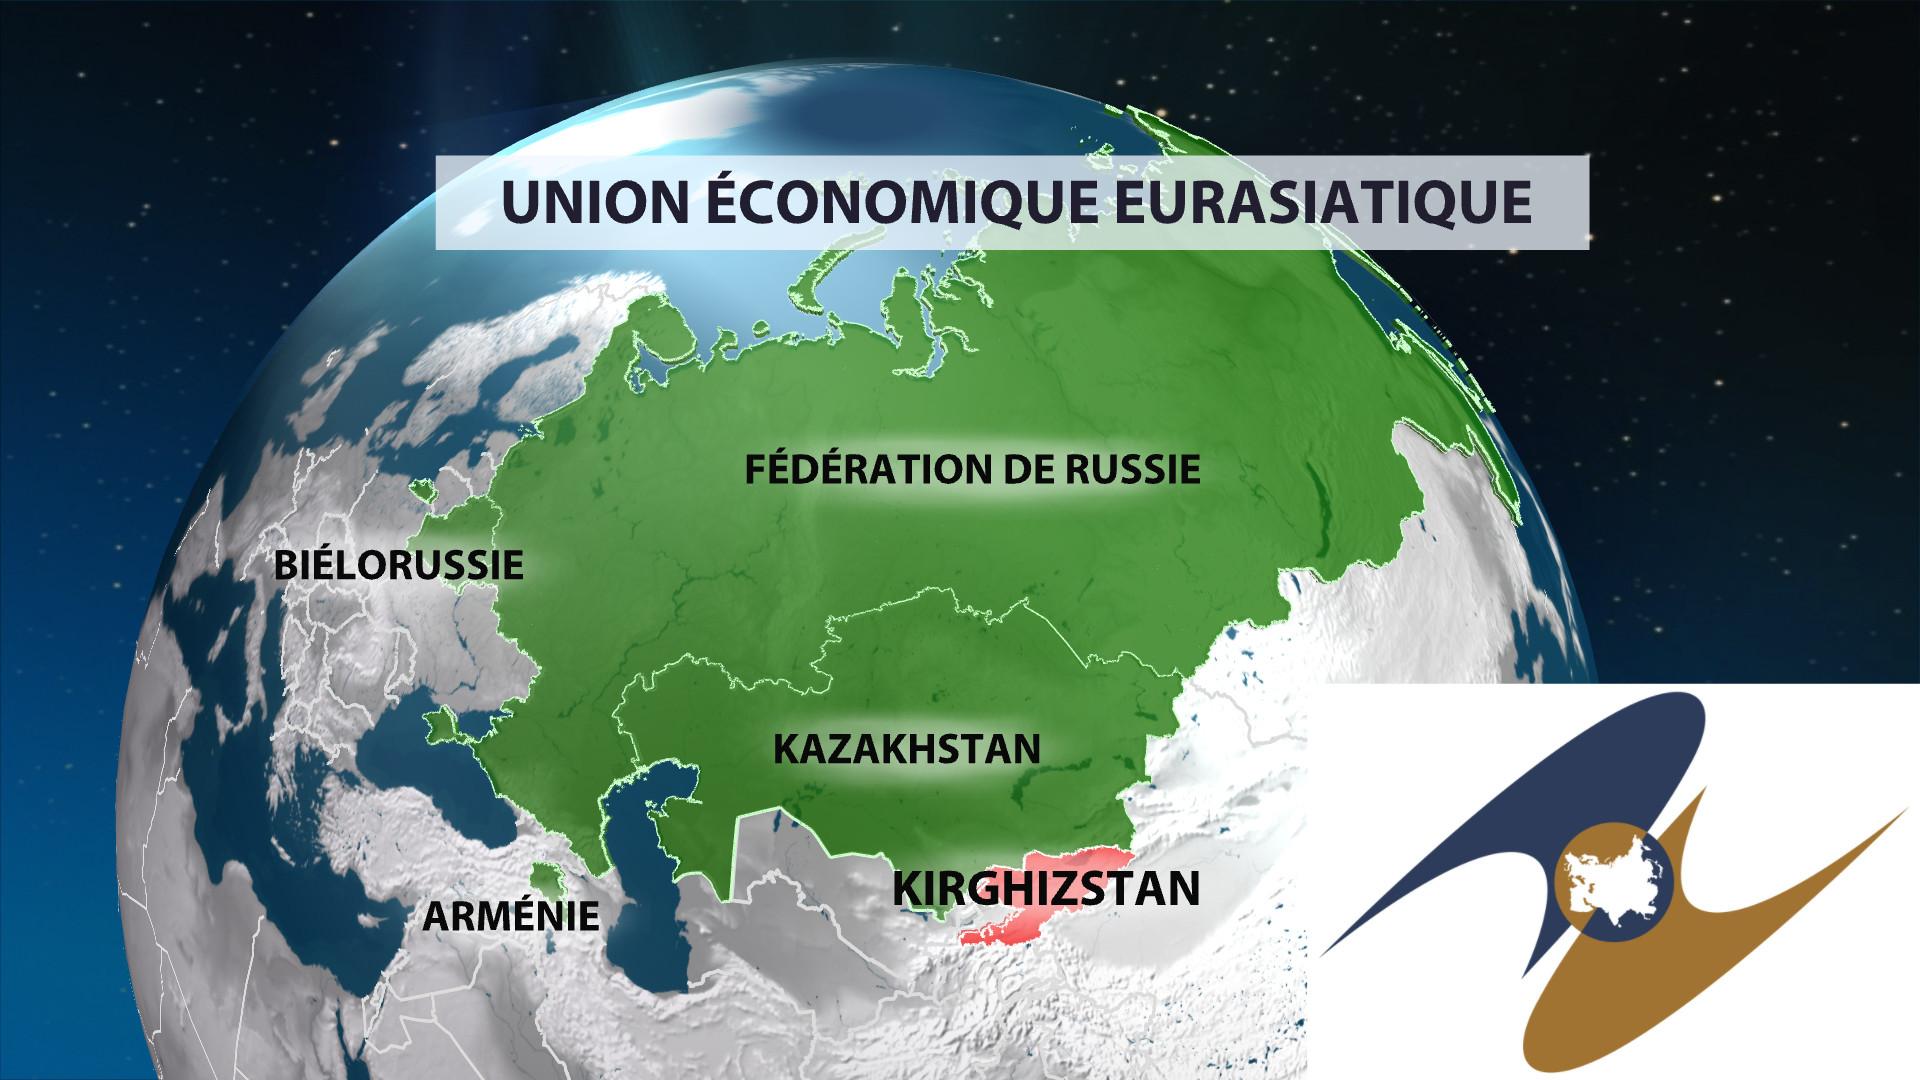 L'Union Economique Eurasiatique s'étend jusqu'au Kirghizistan